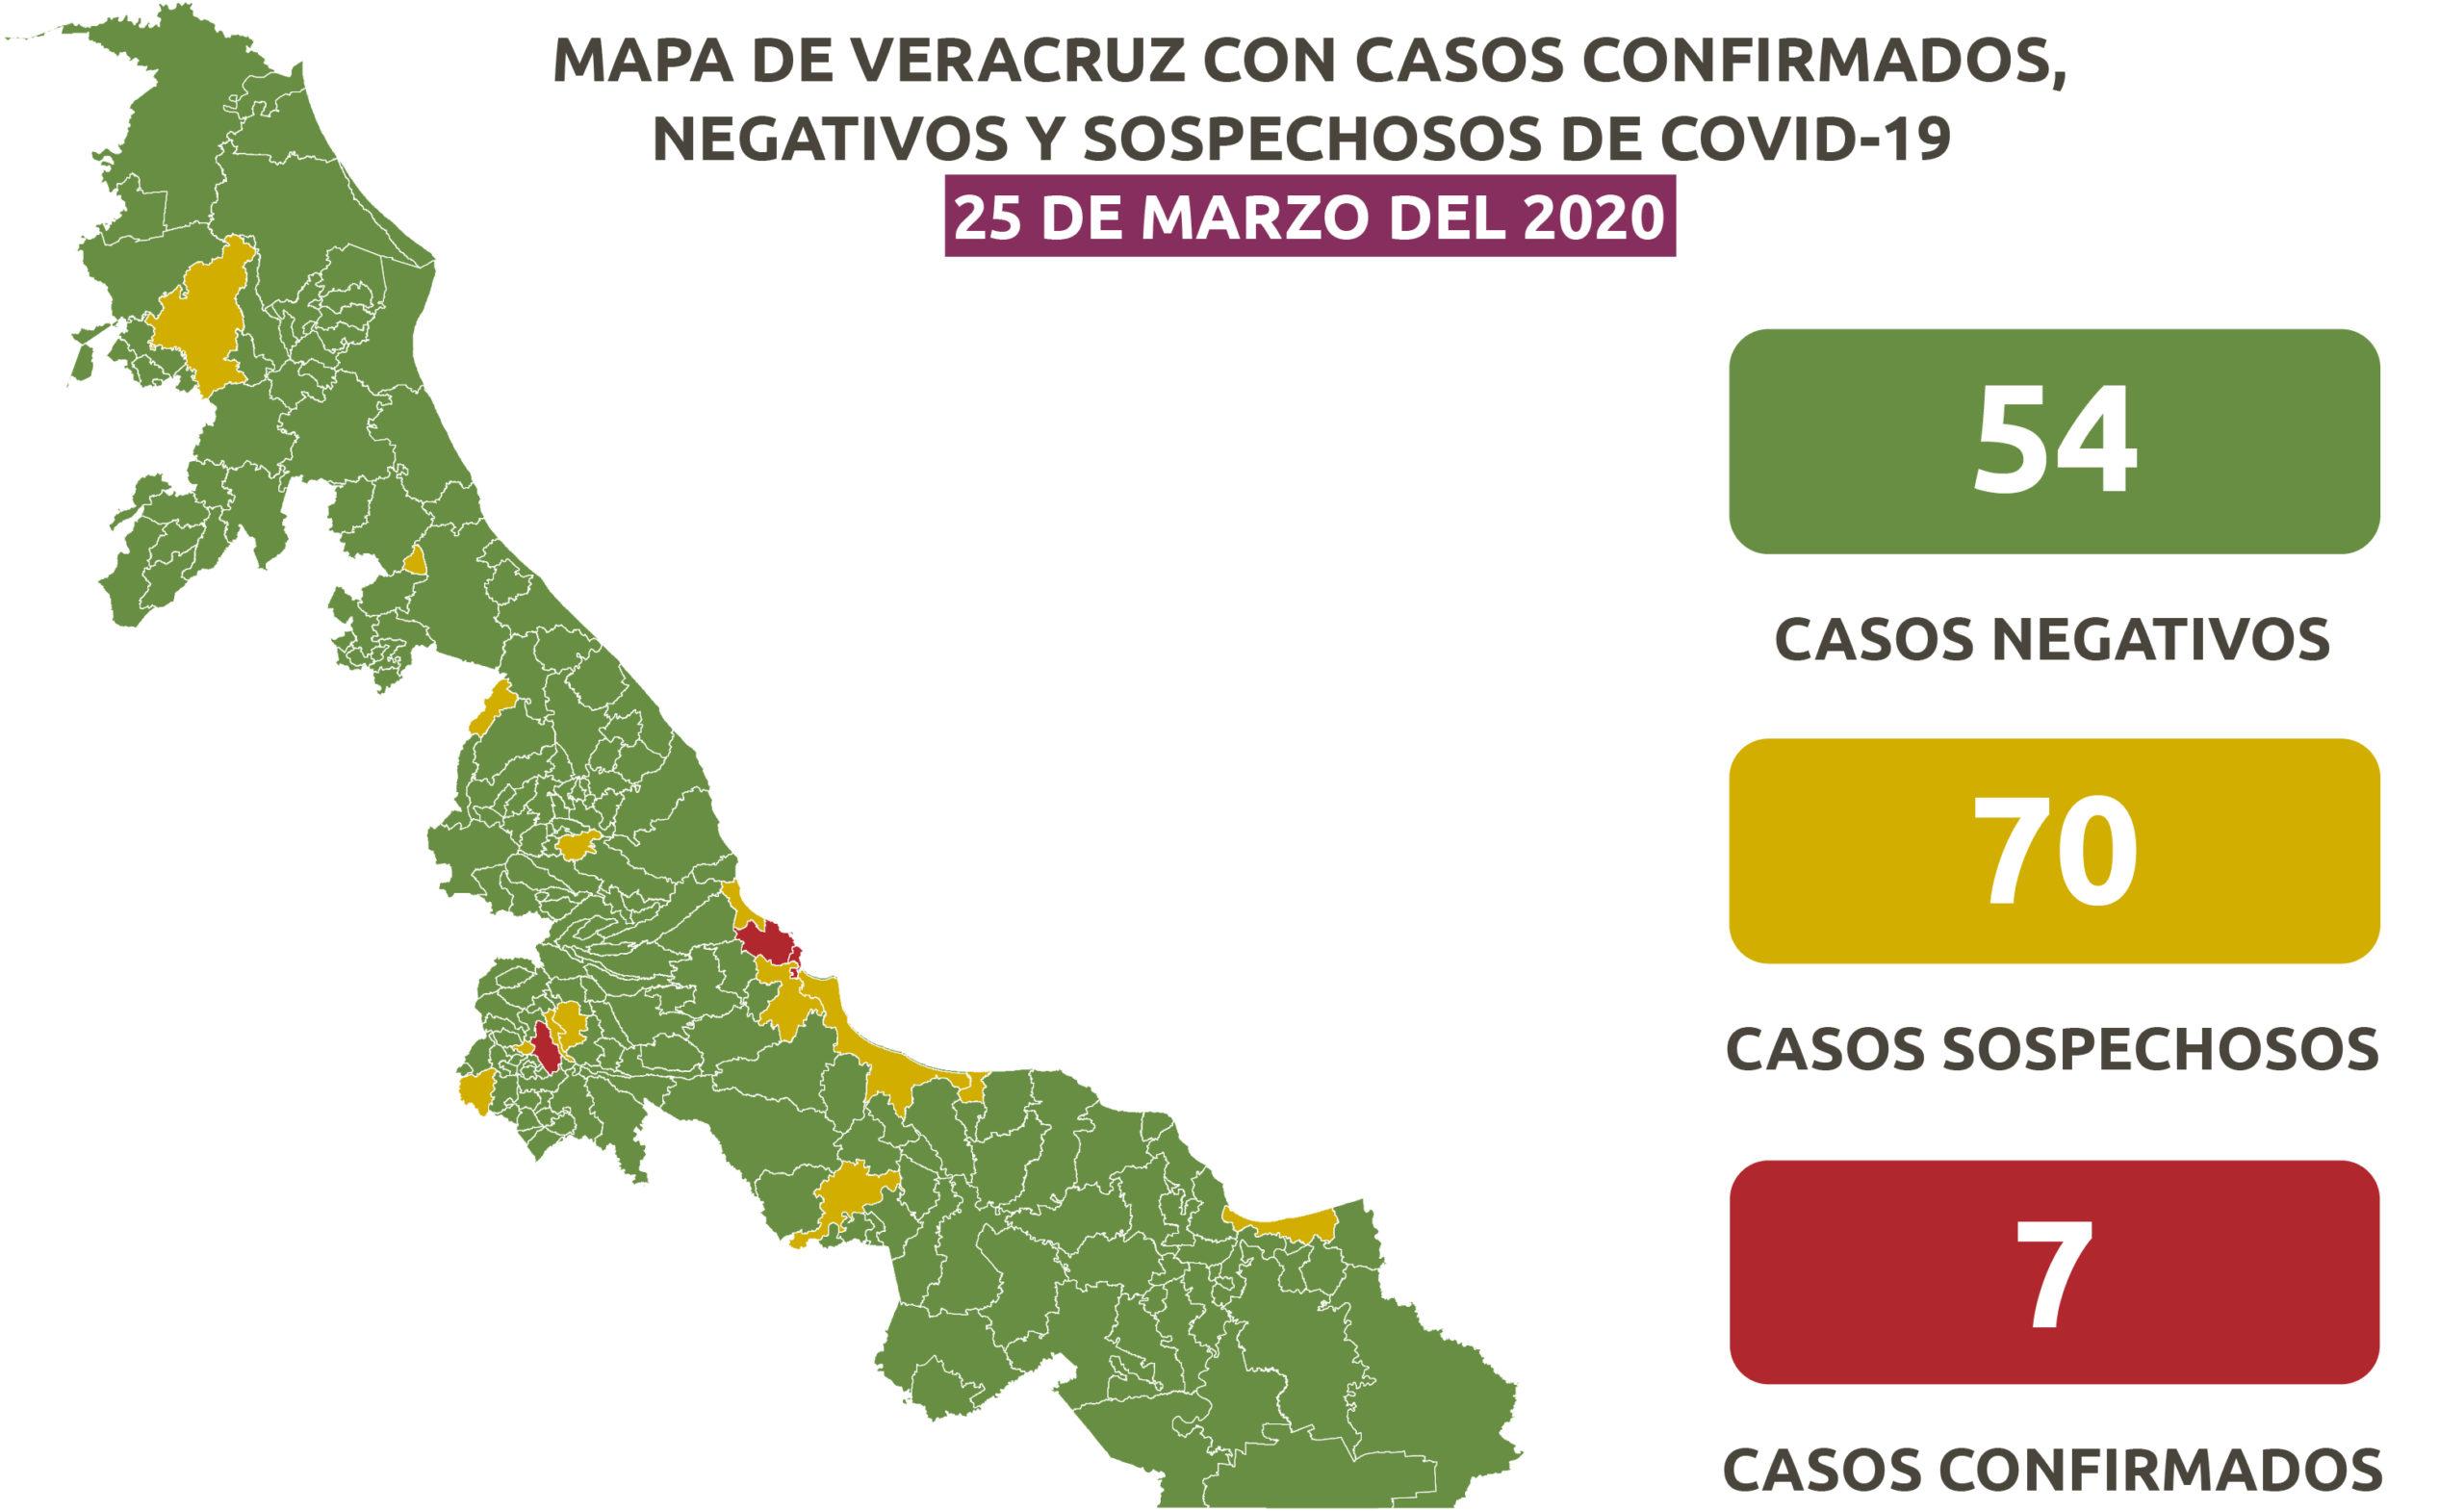 SUMAN 70 CASOS SOSPECHOSOS DE COVID-19 EN VERACRUZ.